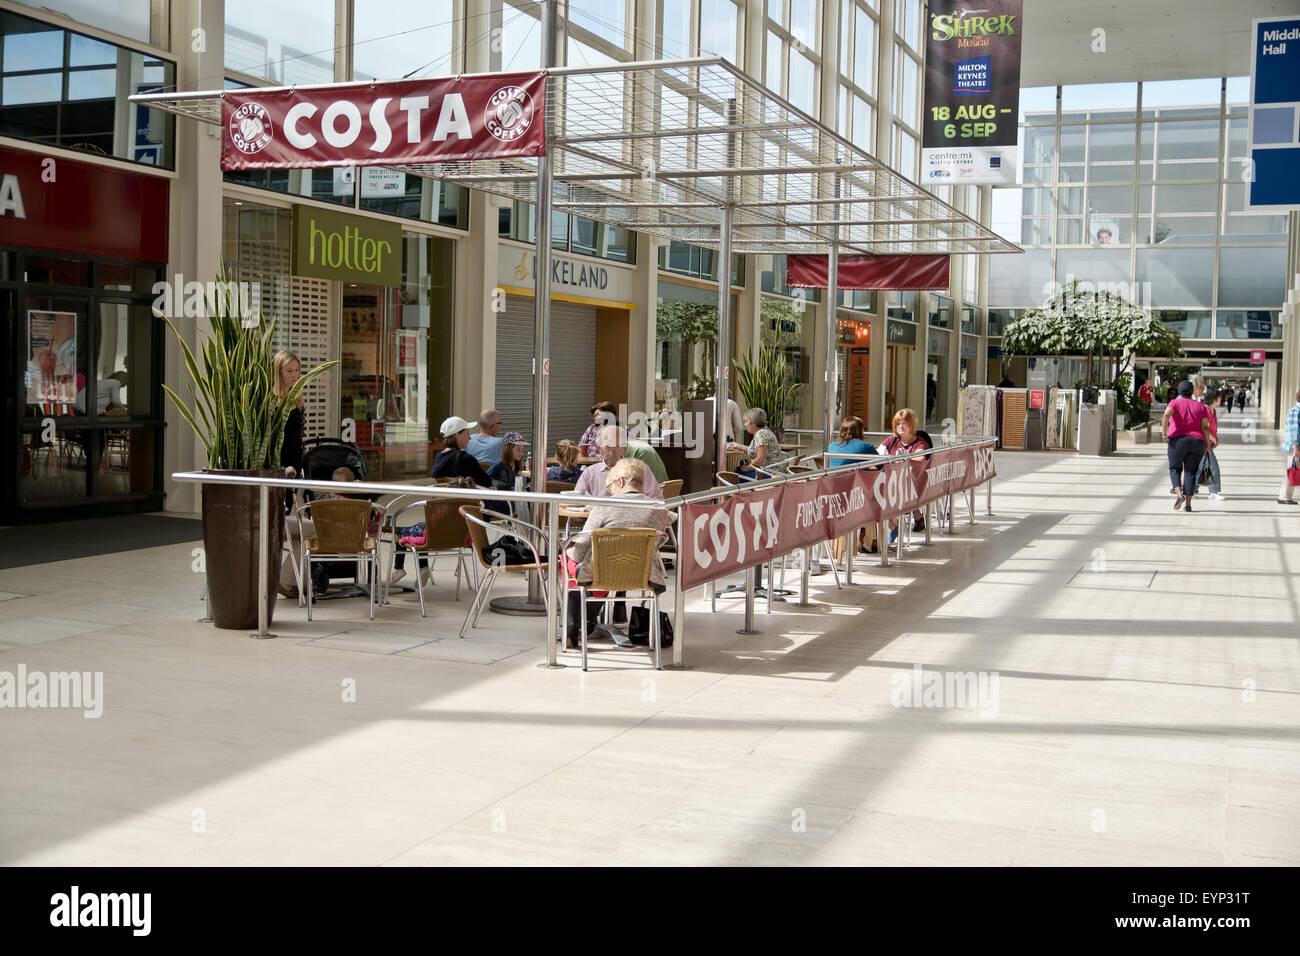 Costa Coffee Café In The Centre Mk Stock Photo 85922532 Alamy